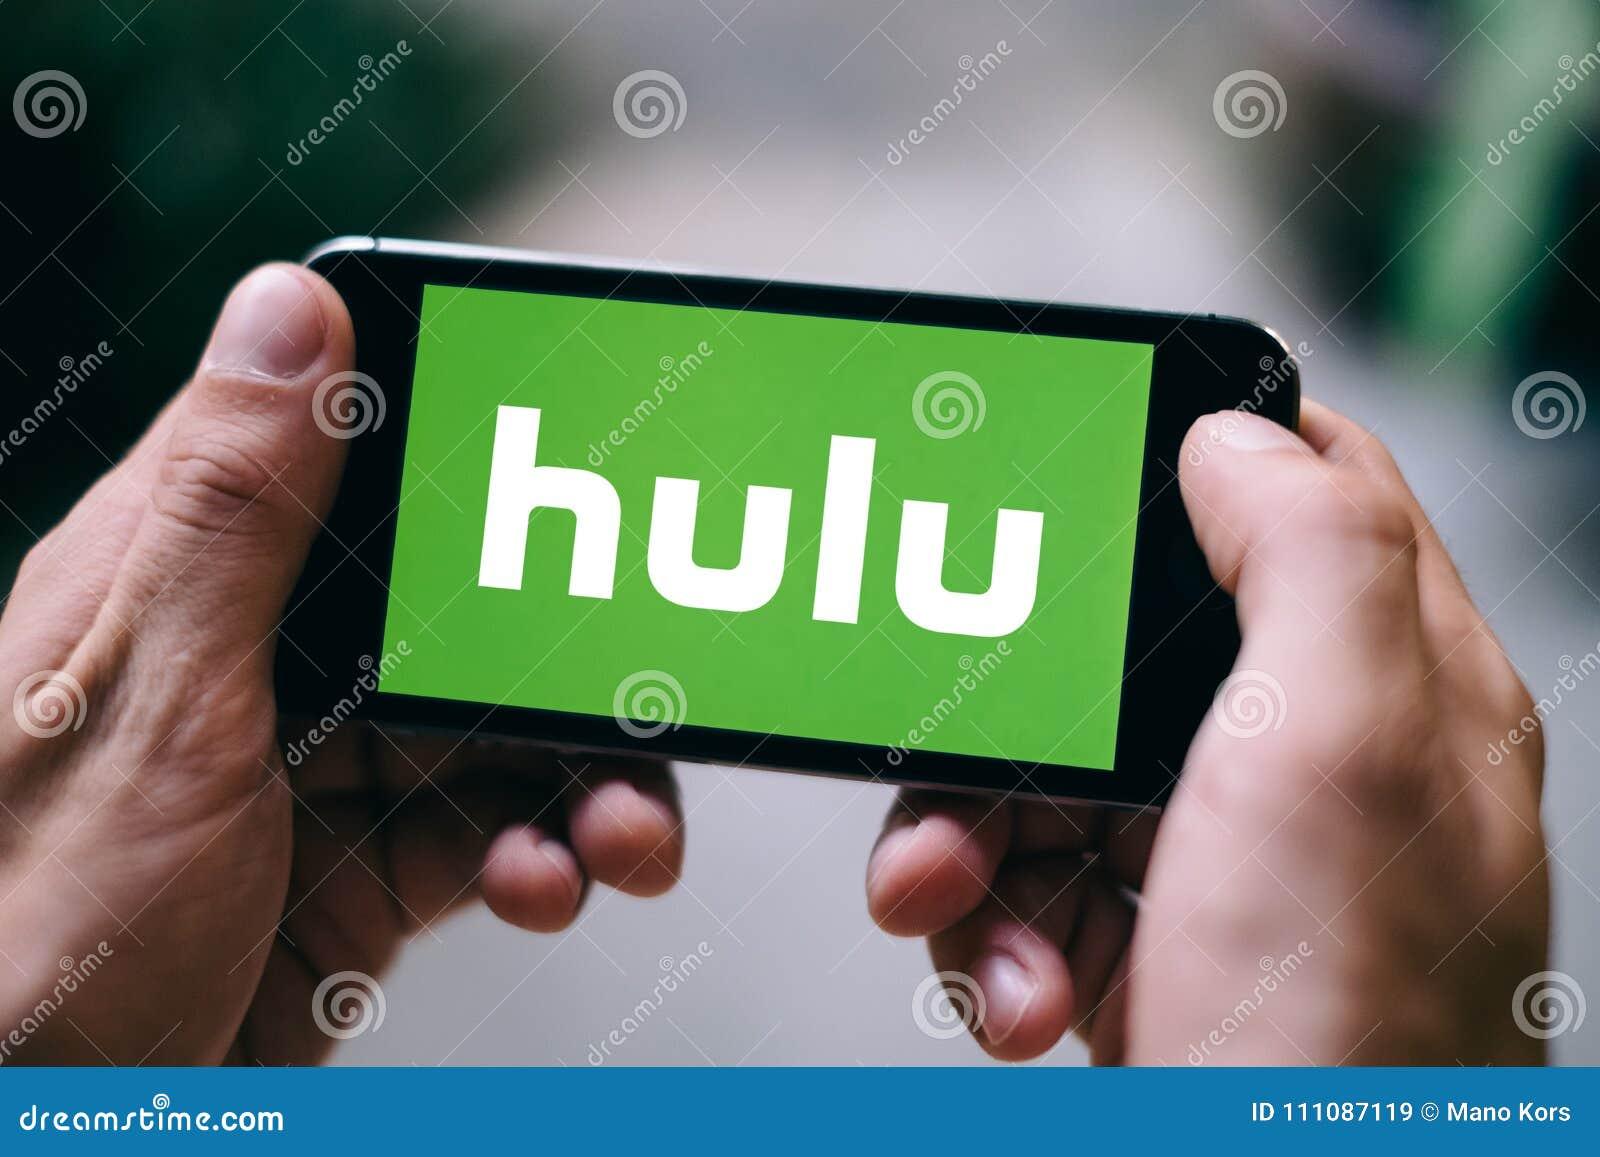 KOLONIA NIEMCY, LUTY, - 27, 2018: Zbliżenie wystawiający na Jabłczanym iPhone Hulu logo